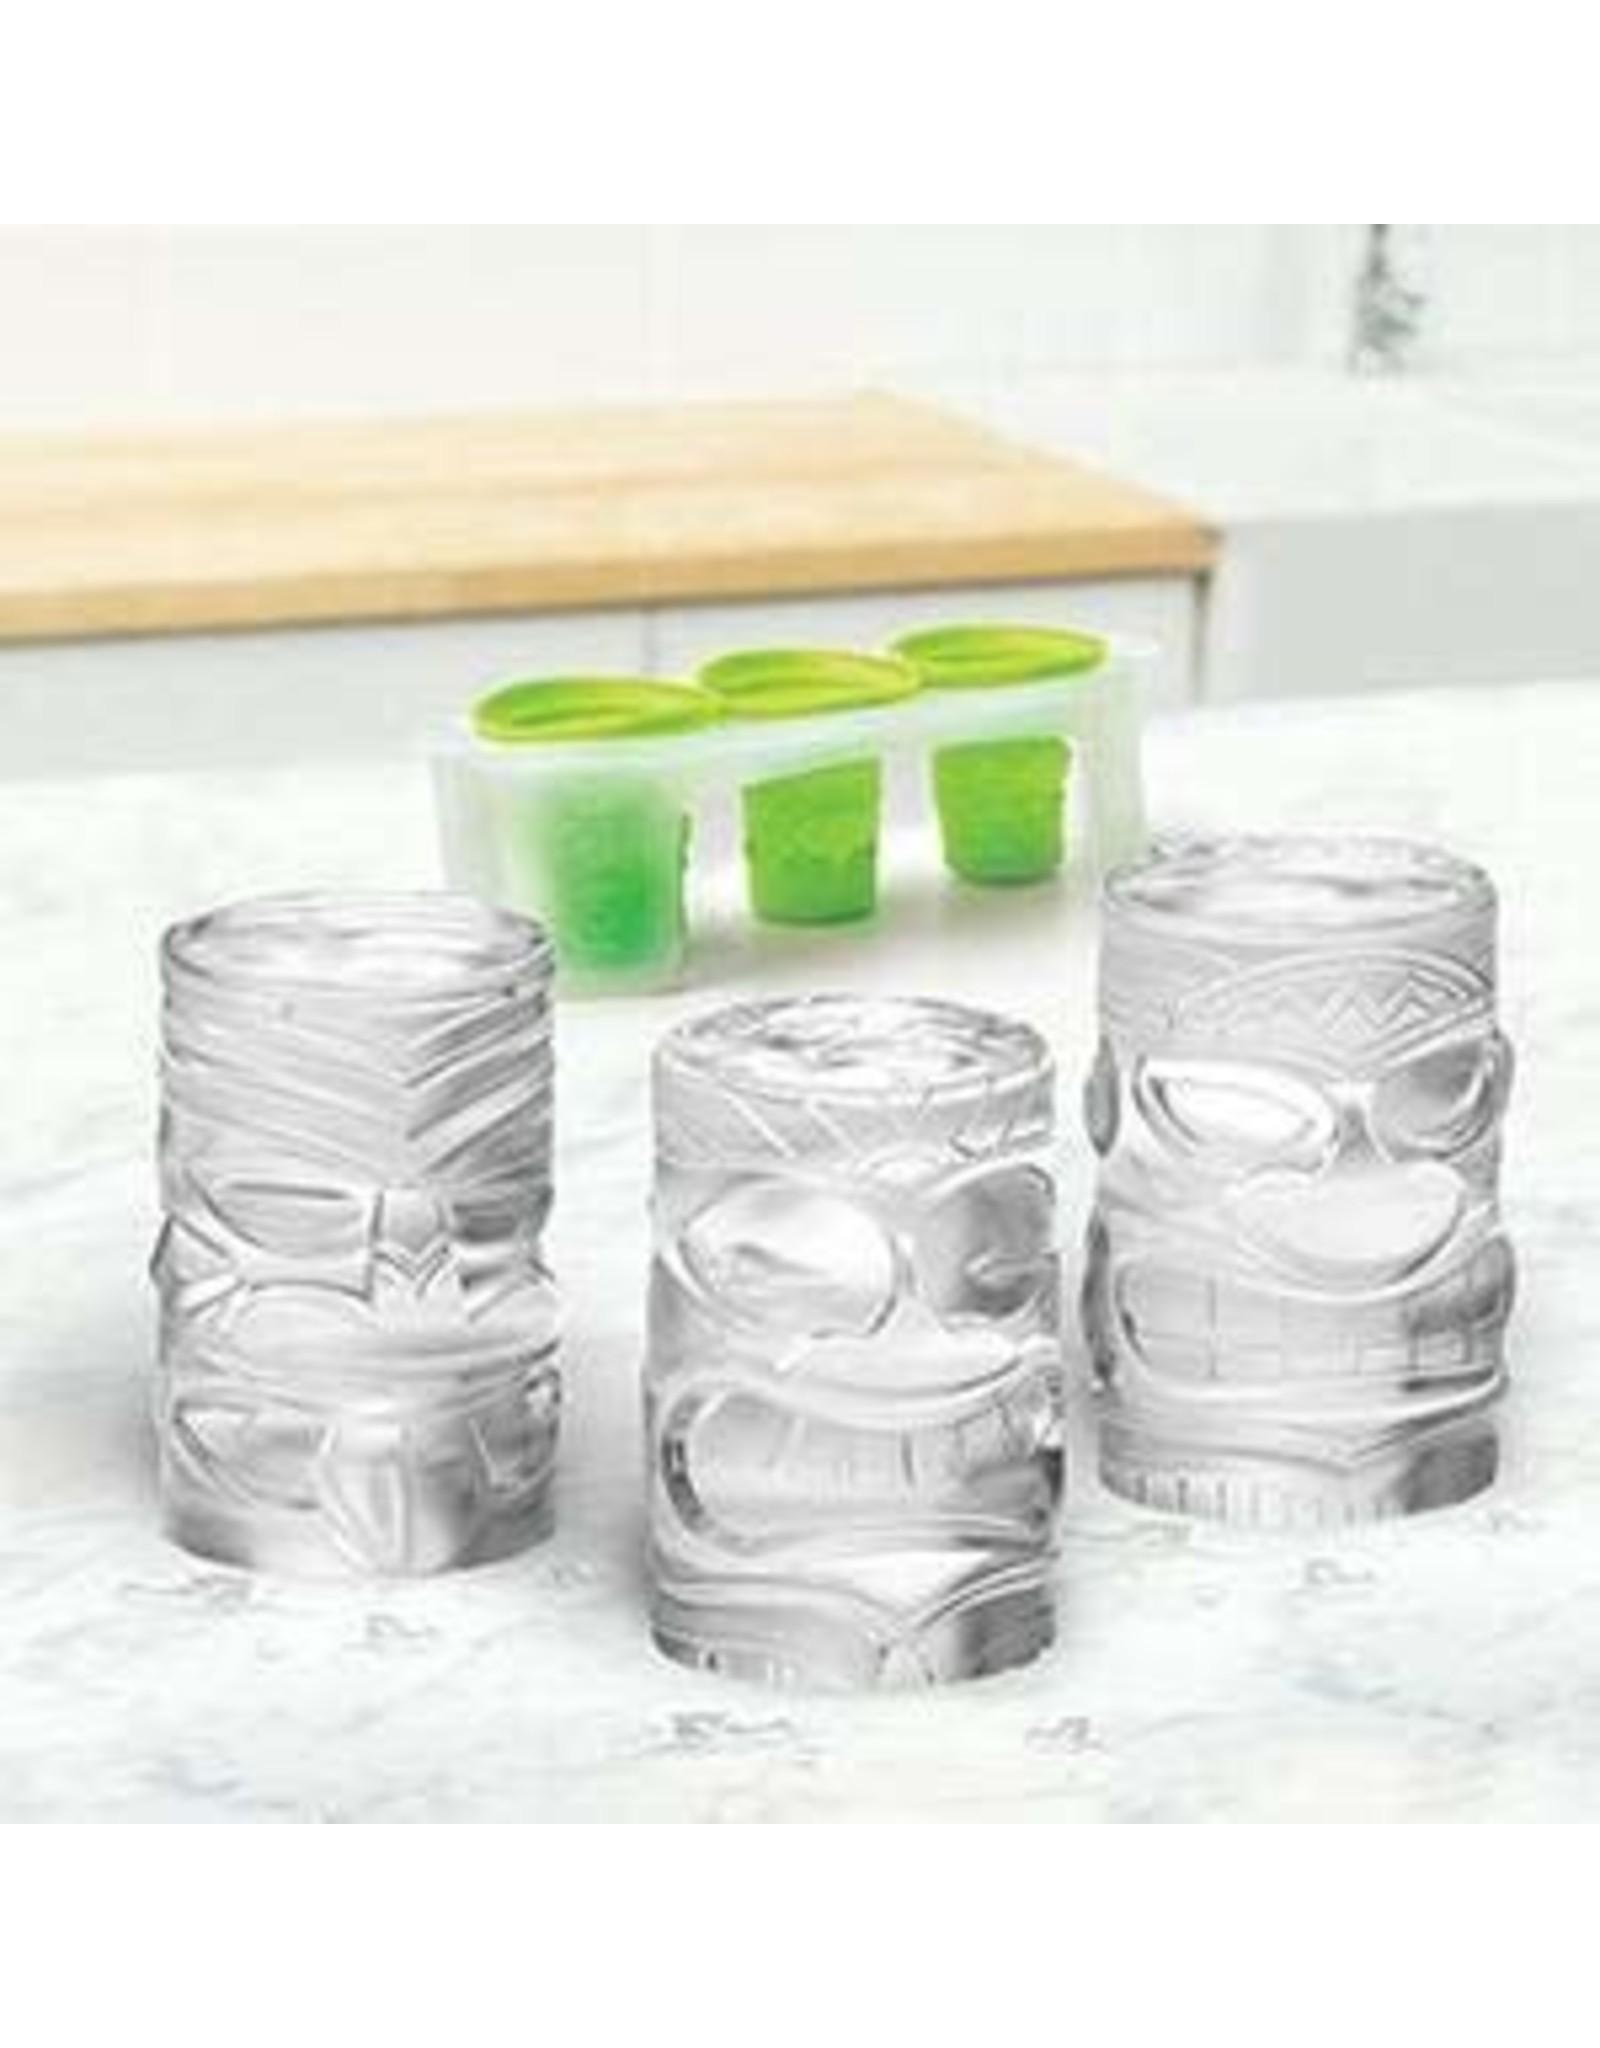 Tovolo TOVOLO Tiki Ice Molds 3pc